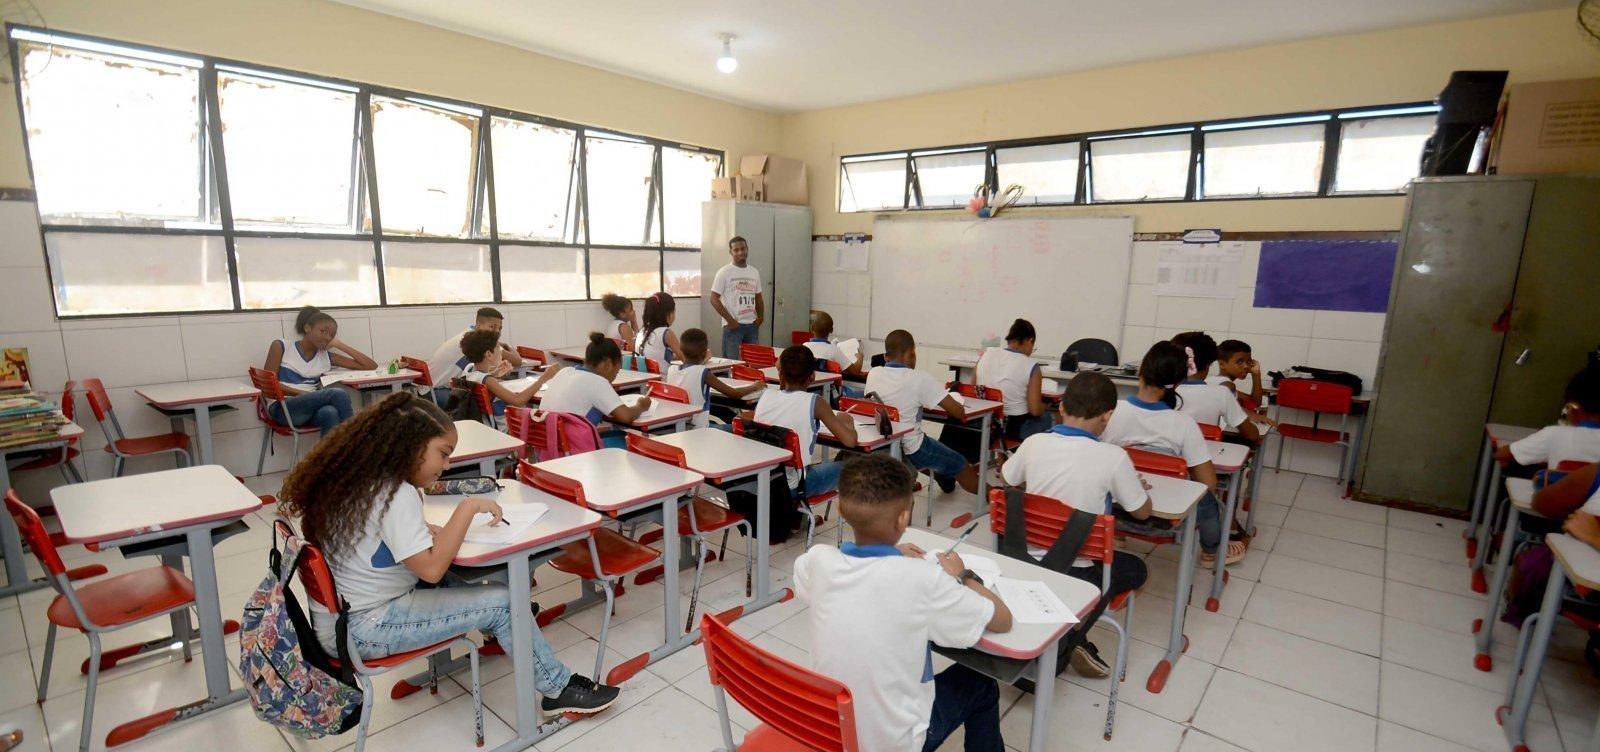 [Governo libera aulas semipresenciais em 19 cidades da Bahia]